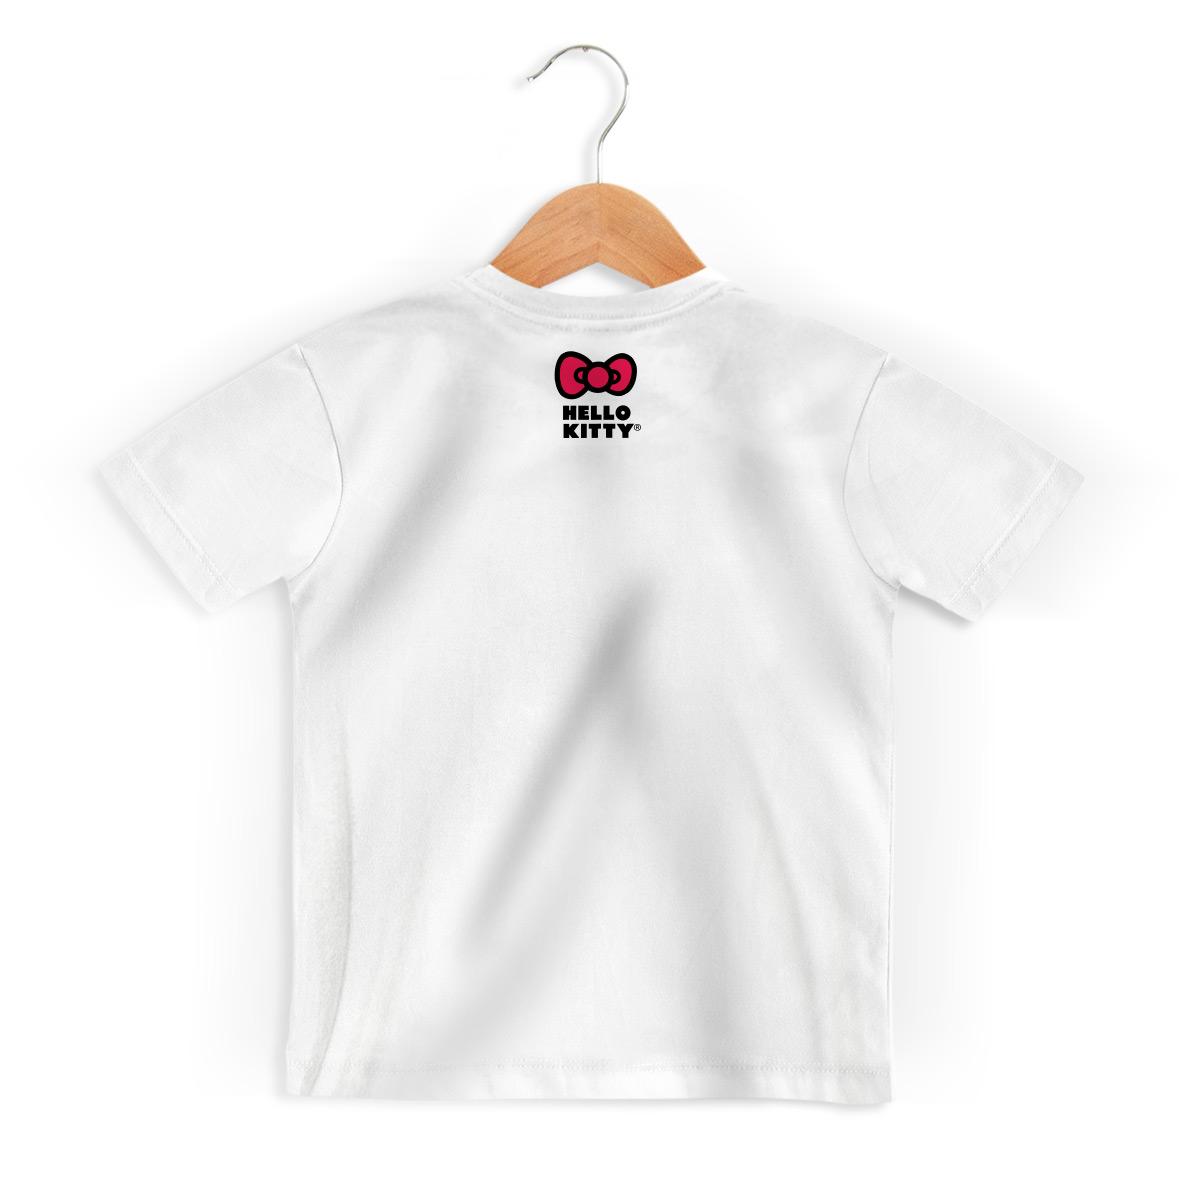 Camiseta Infantil Hello Kitty Standard